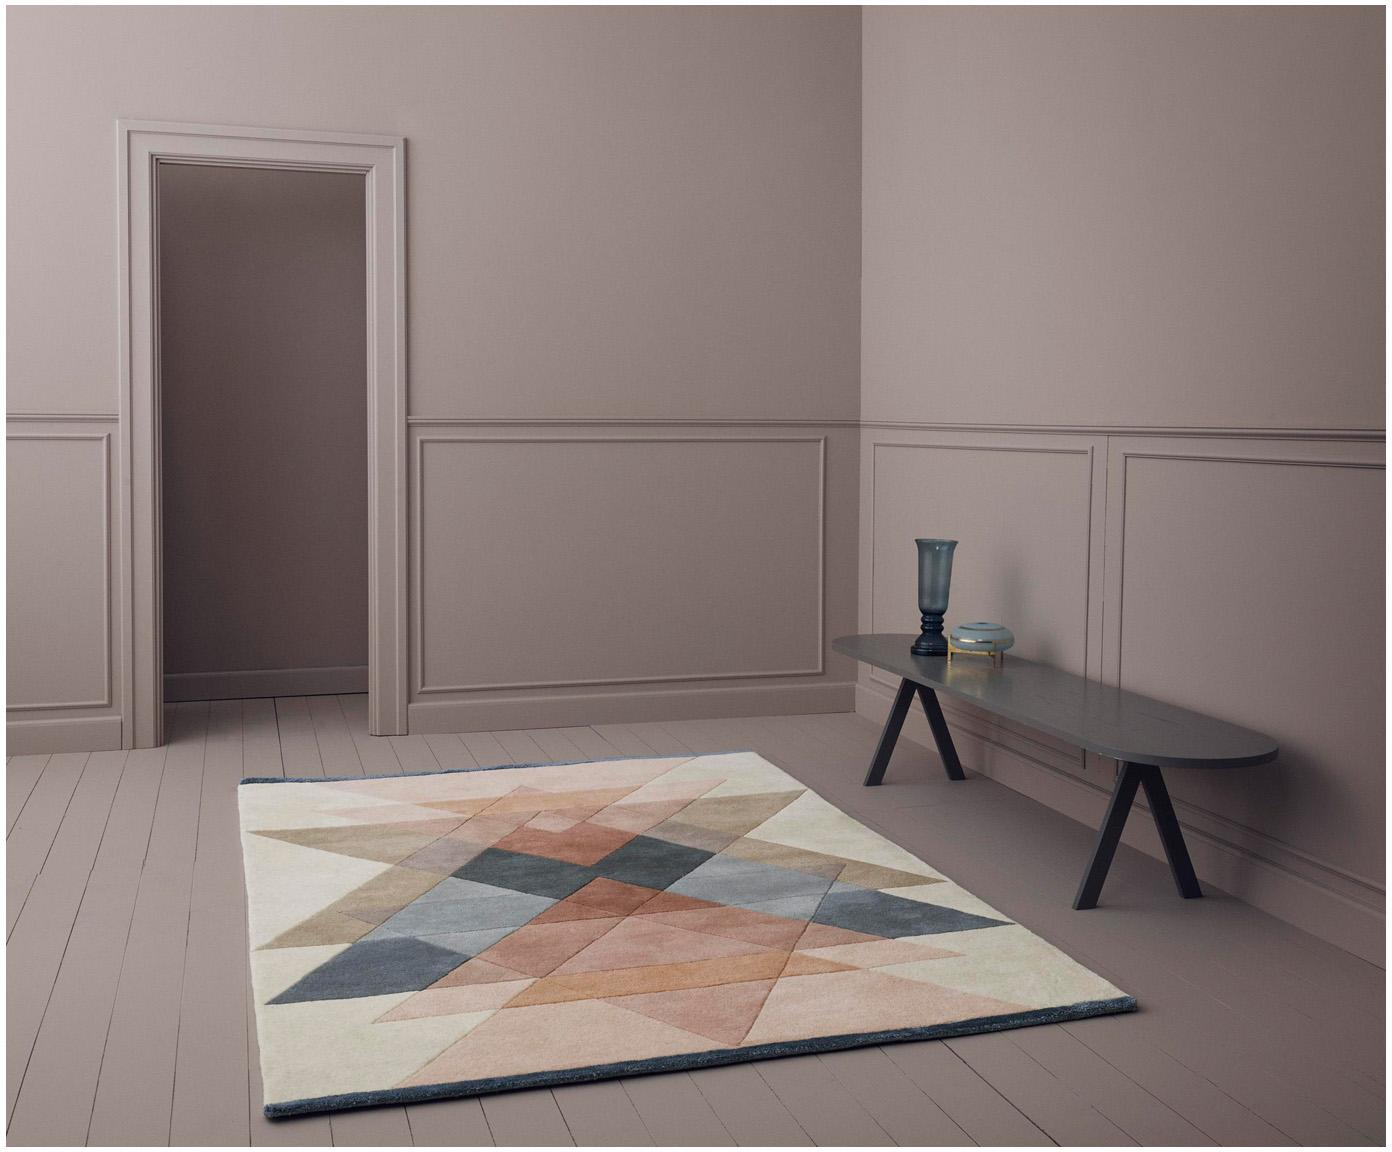 Handgetuft design vloerkleed Freya van wol, Bovenzijde: 95% wol, 5% viscose, Onderzijde: katoen, Beigetinten, roze, blauwgrijs, 140 x 200 cm